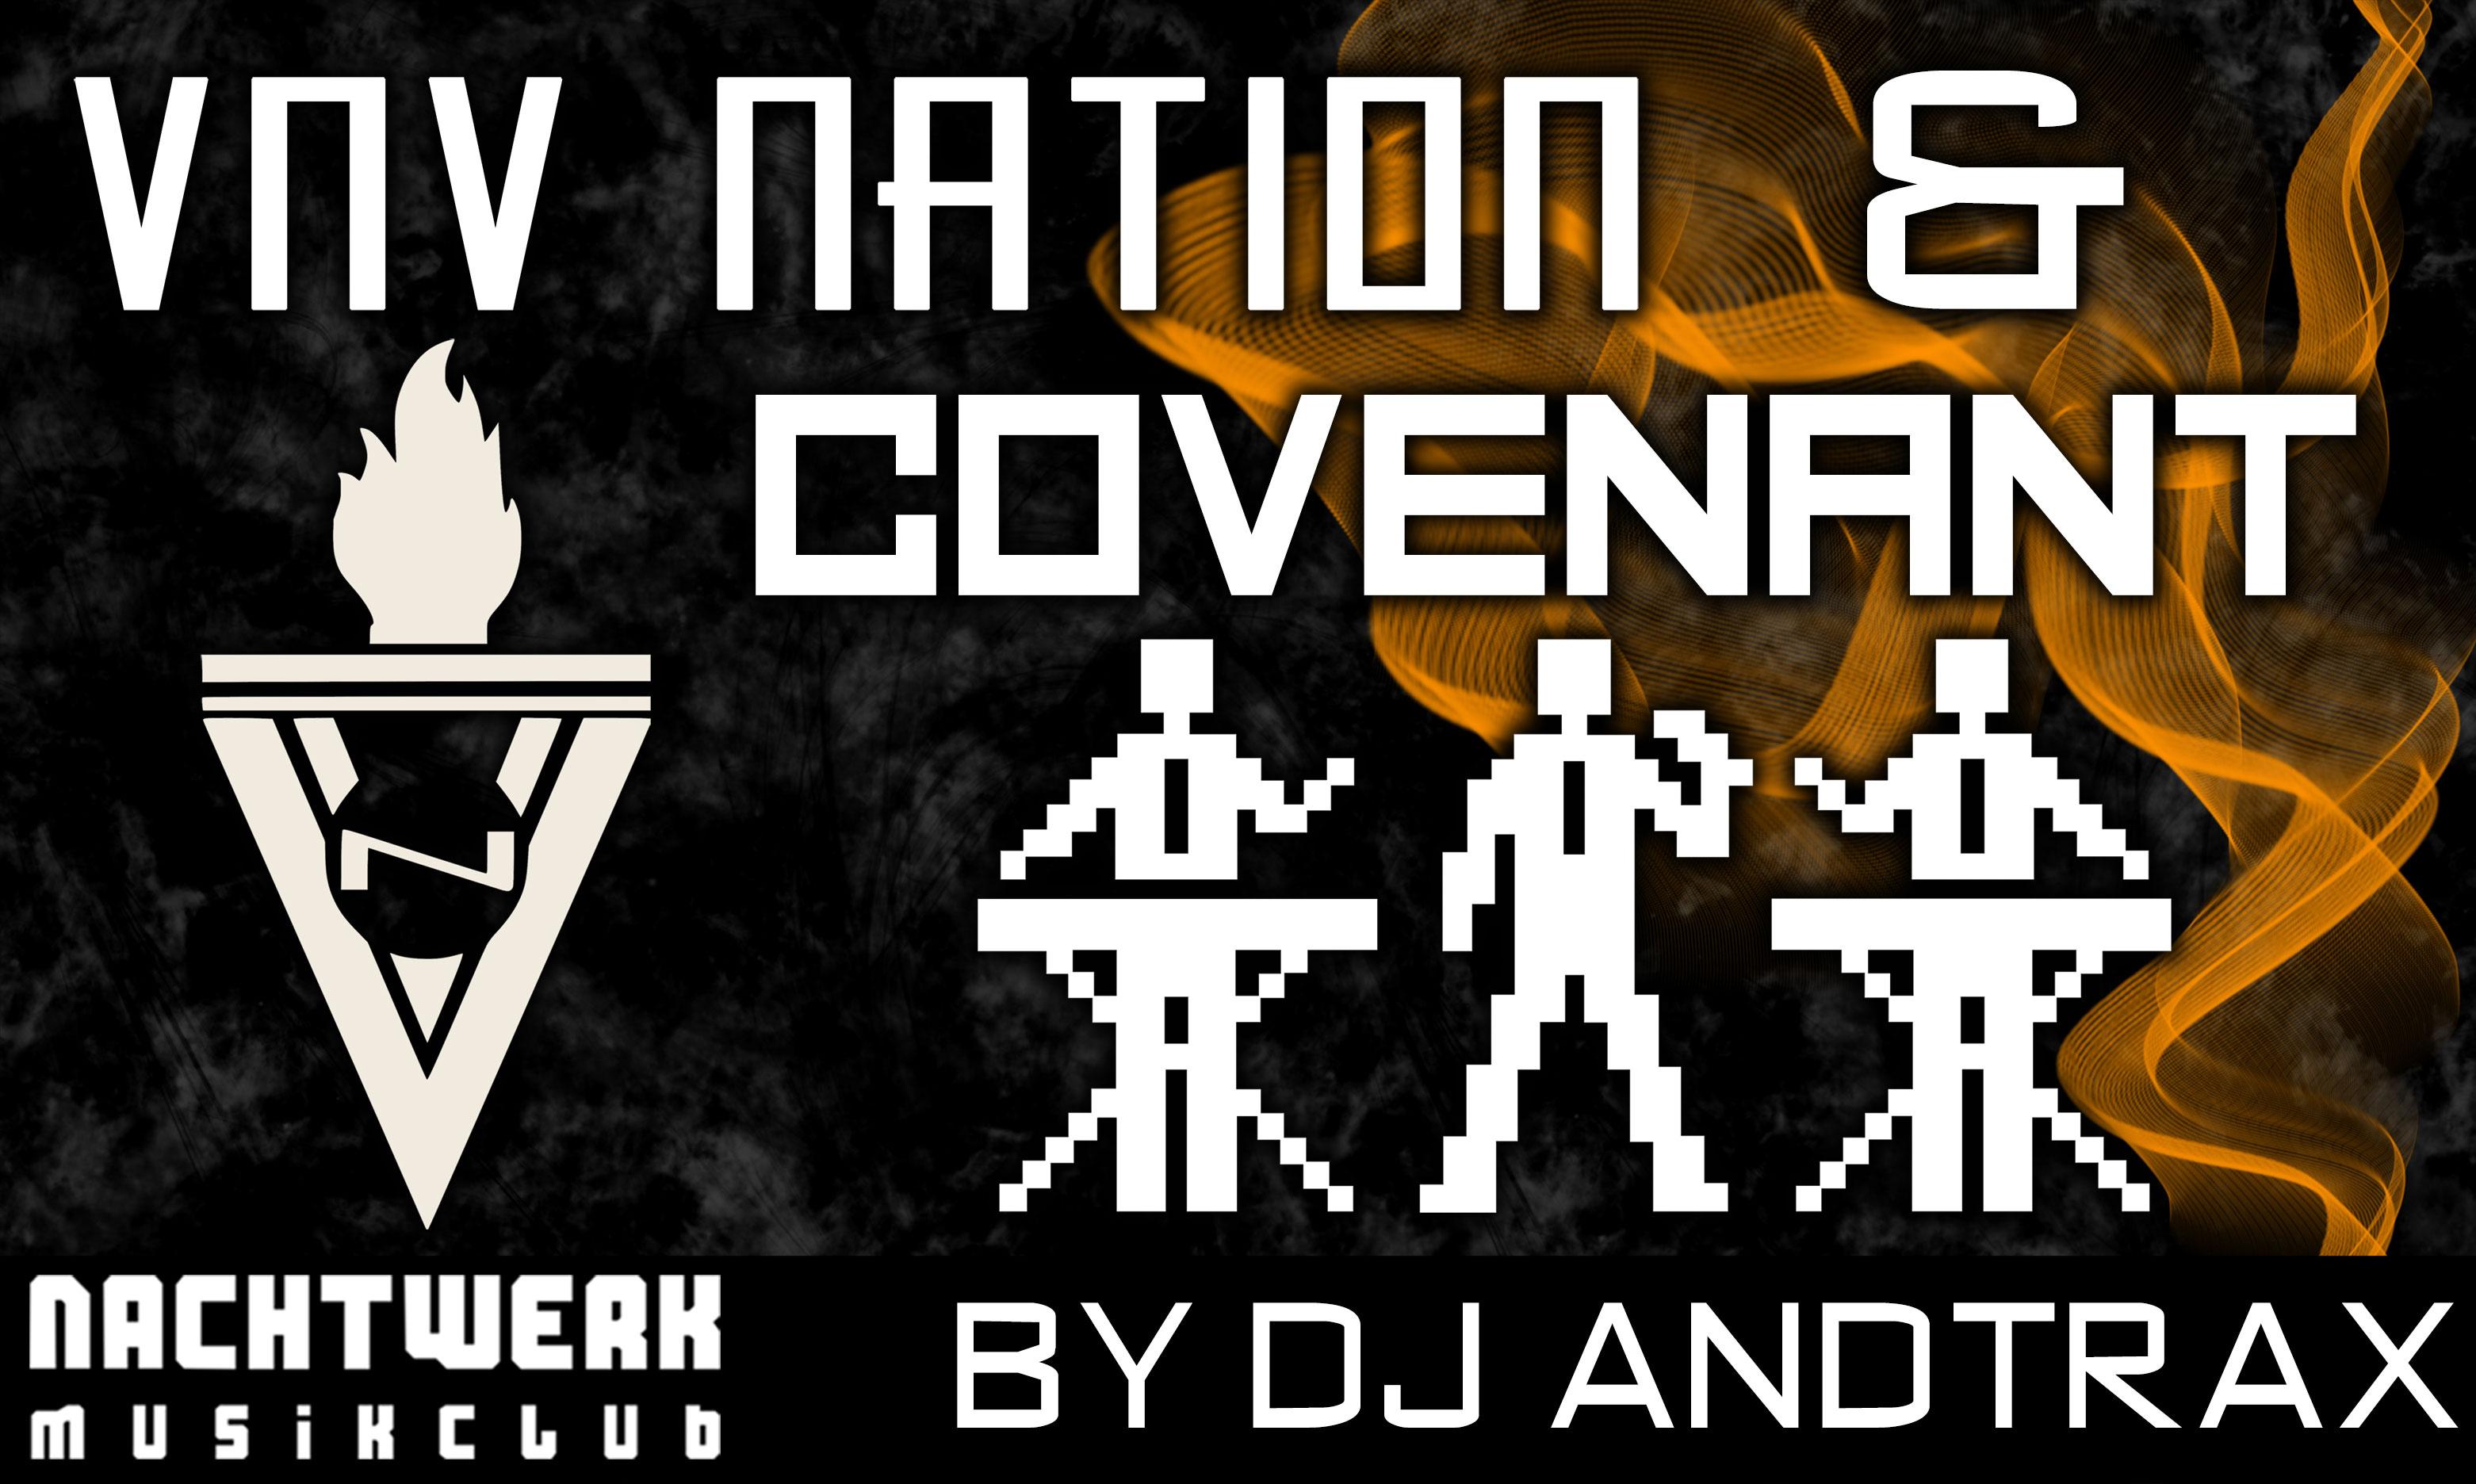 VNV Nation & Covenant